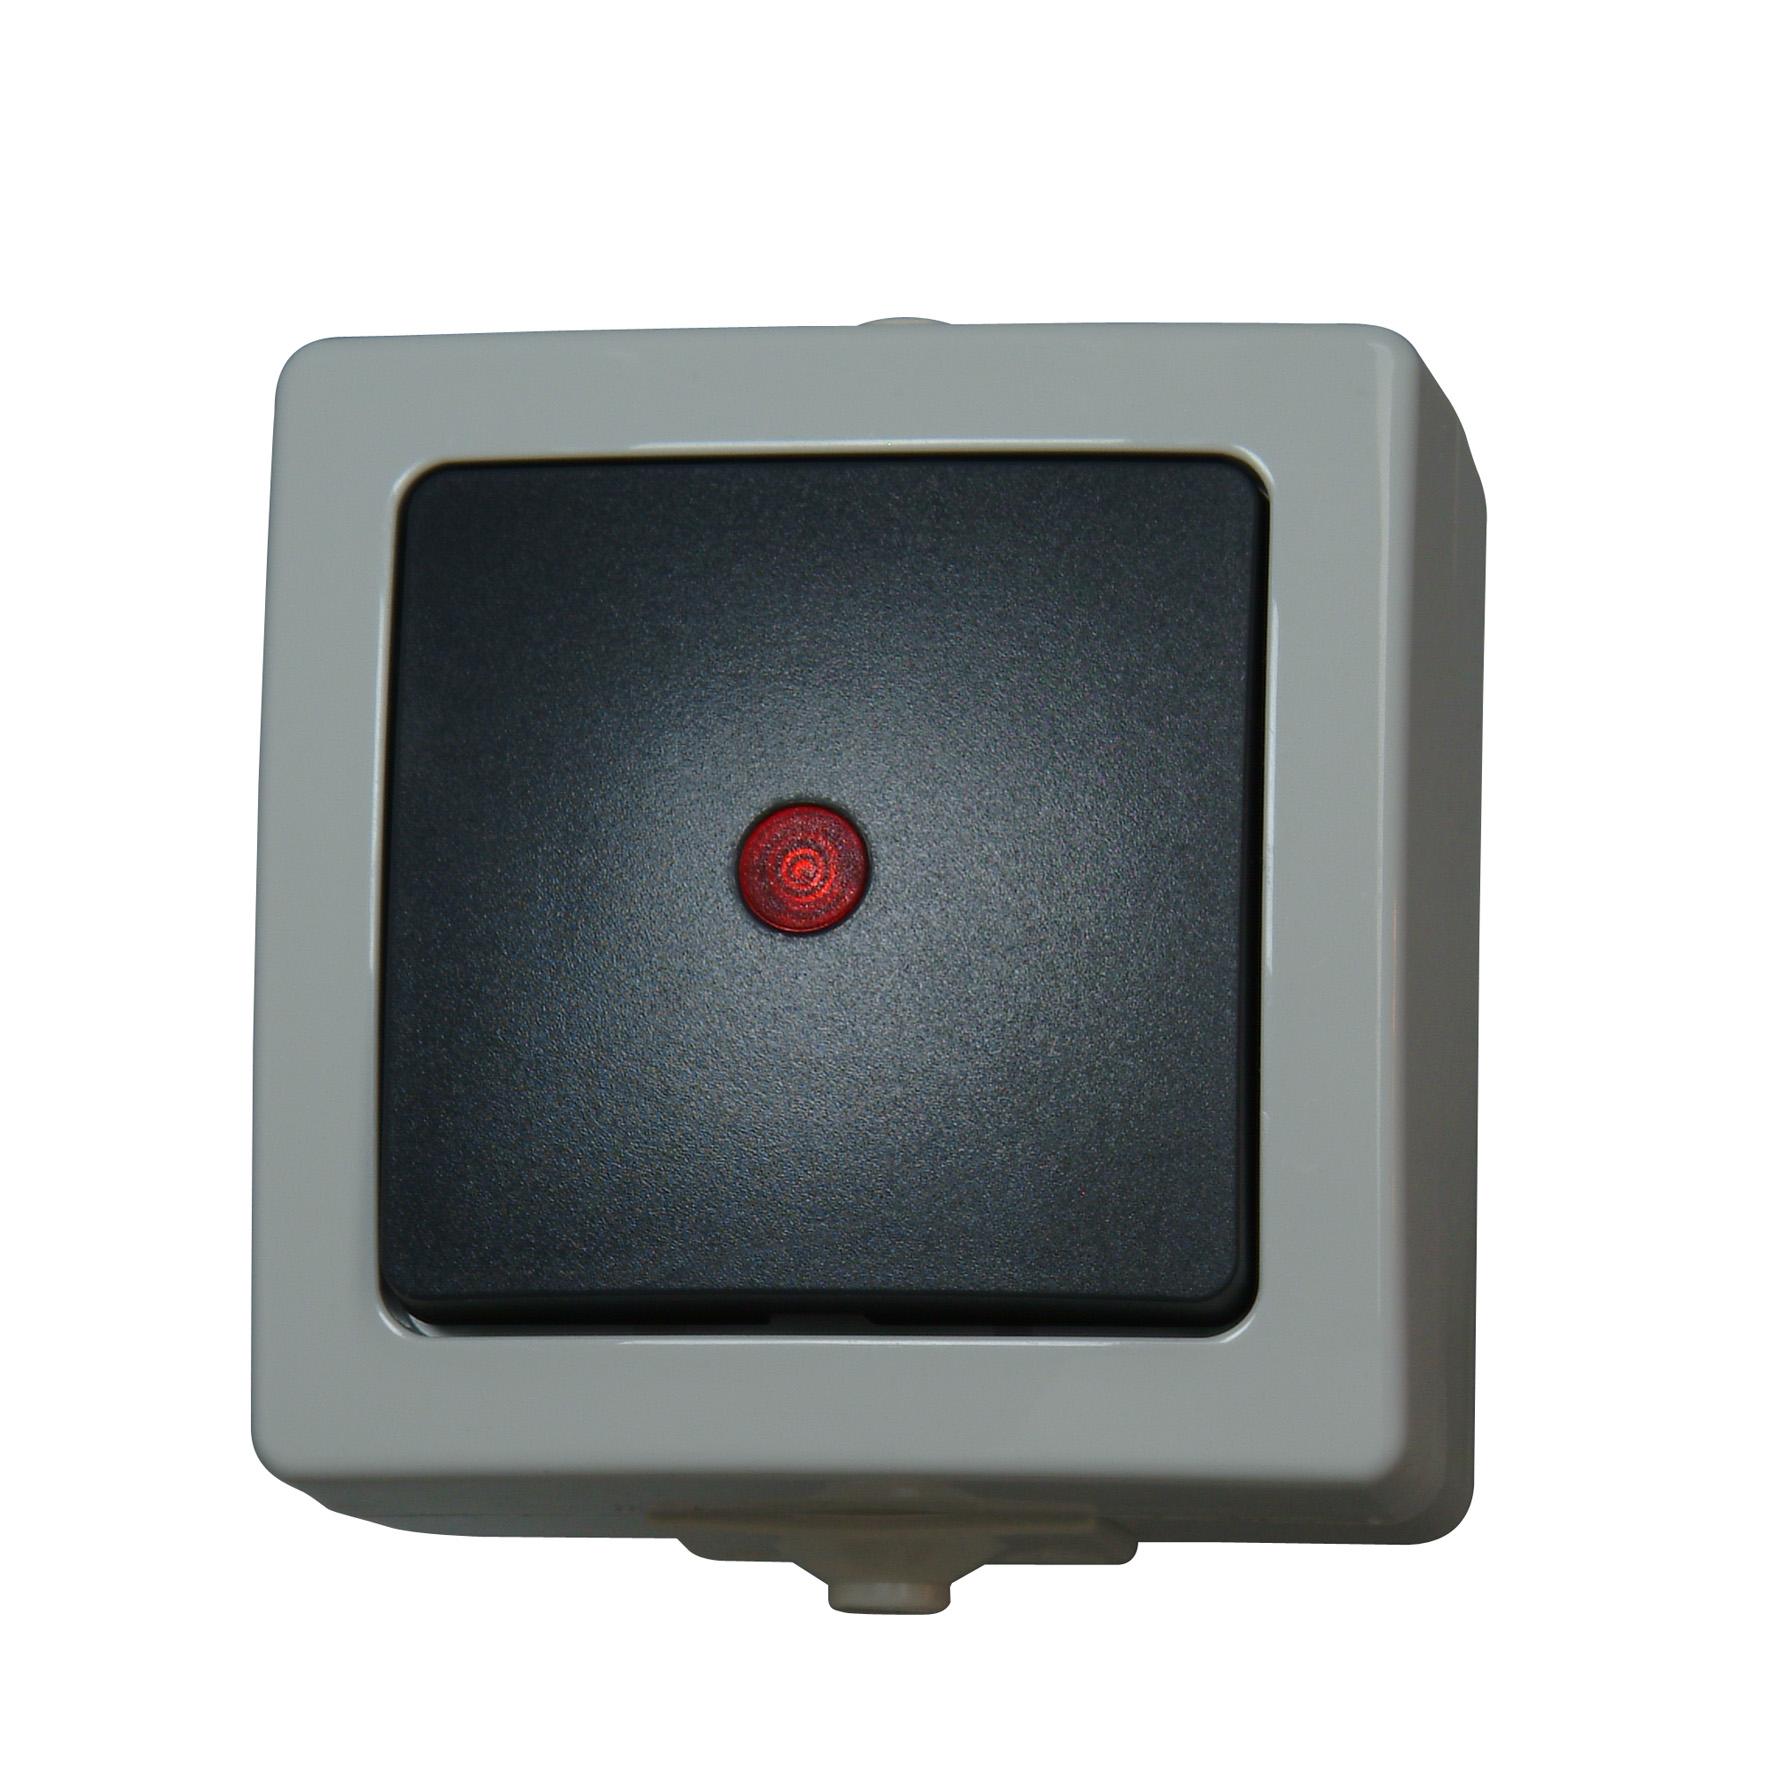 kopp aufputz feuchtraum kontrollschalter aus. Black Bedroom Furniture Sets. Home Design Ideas